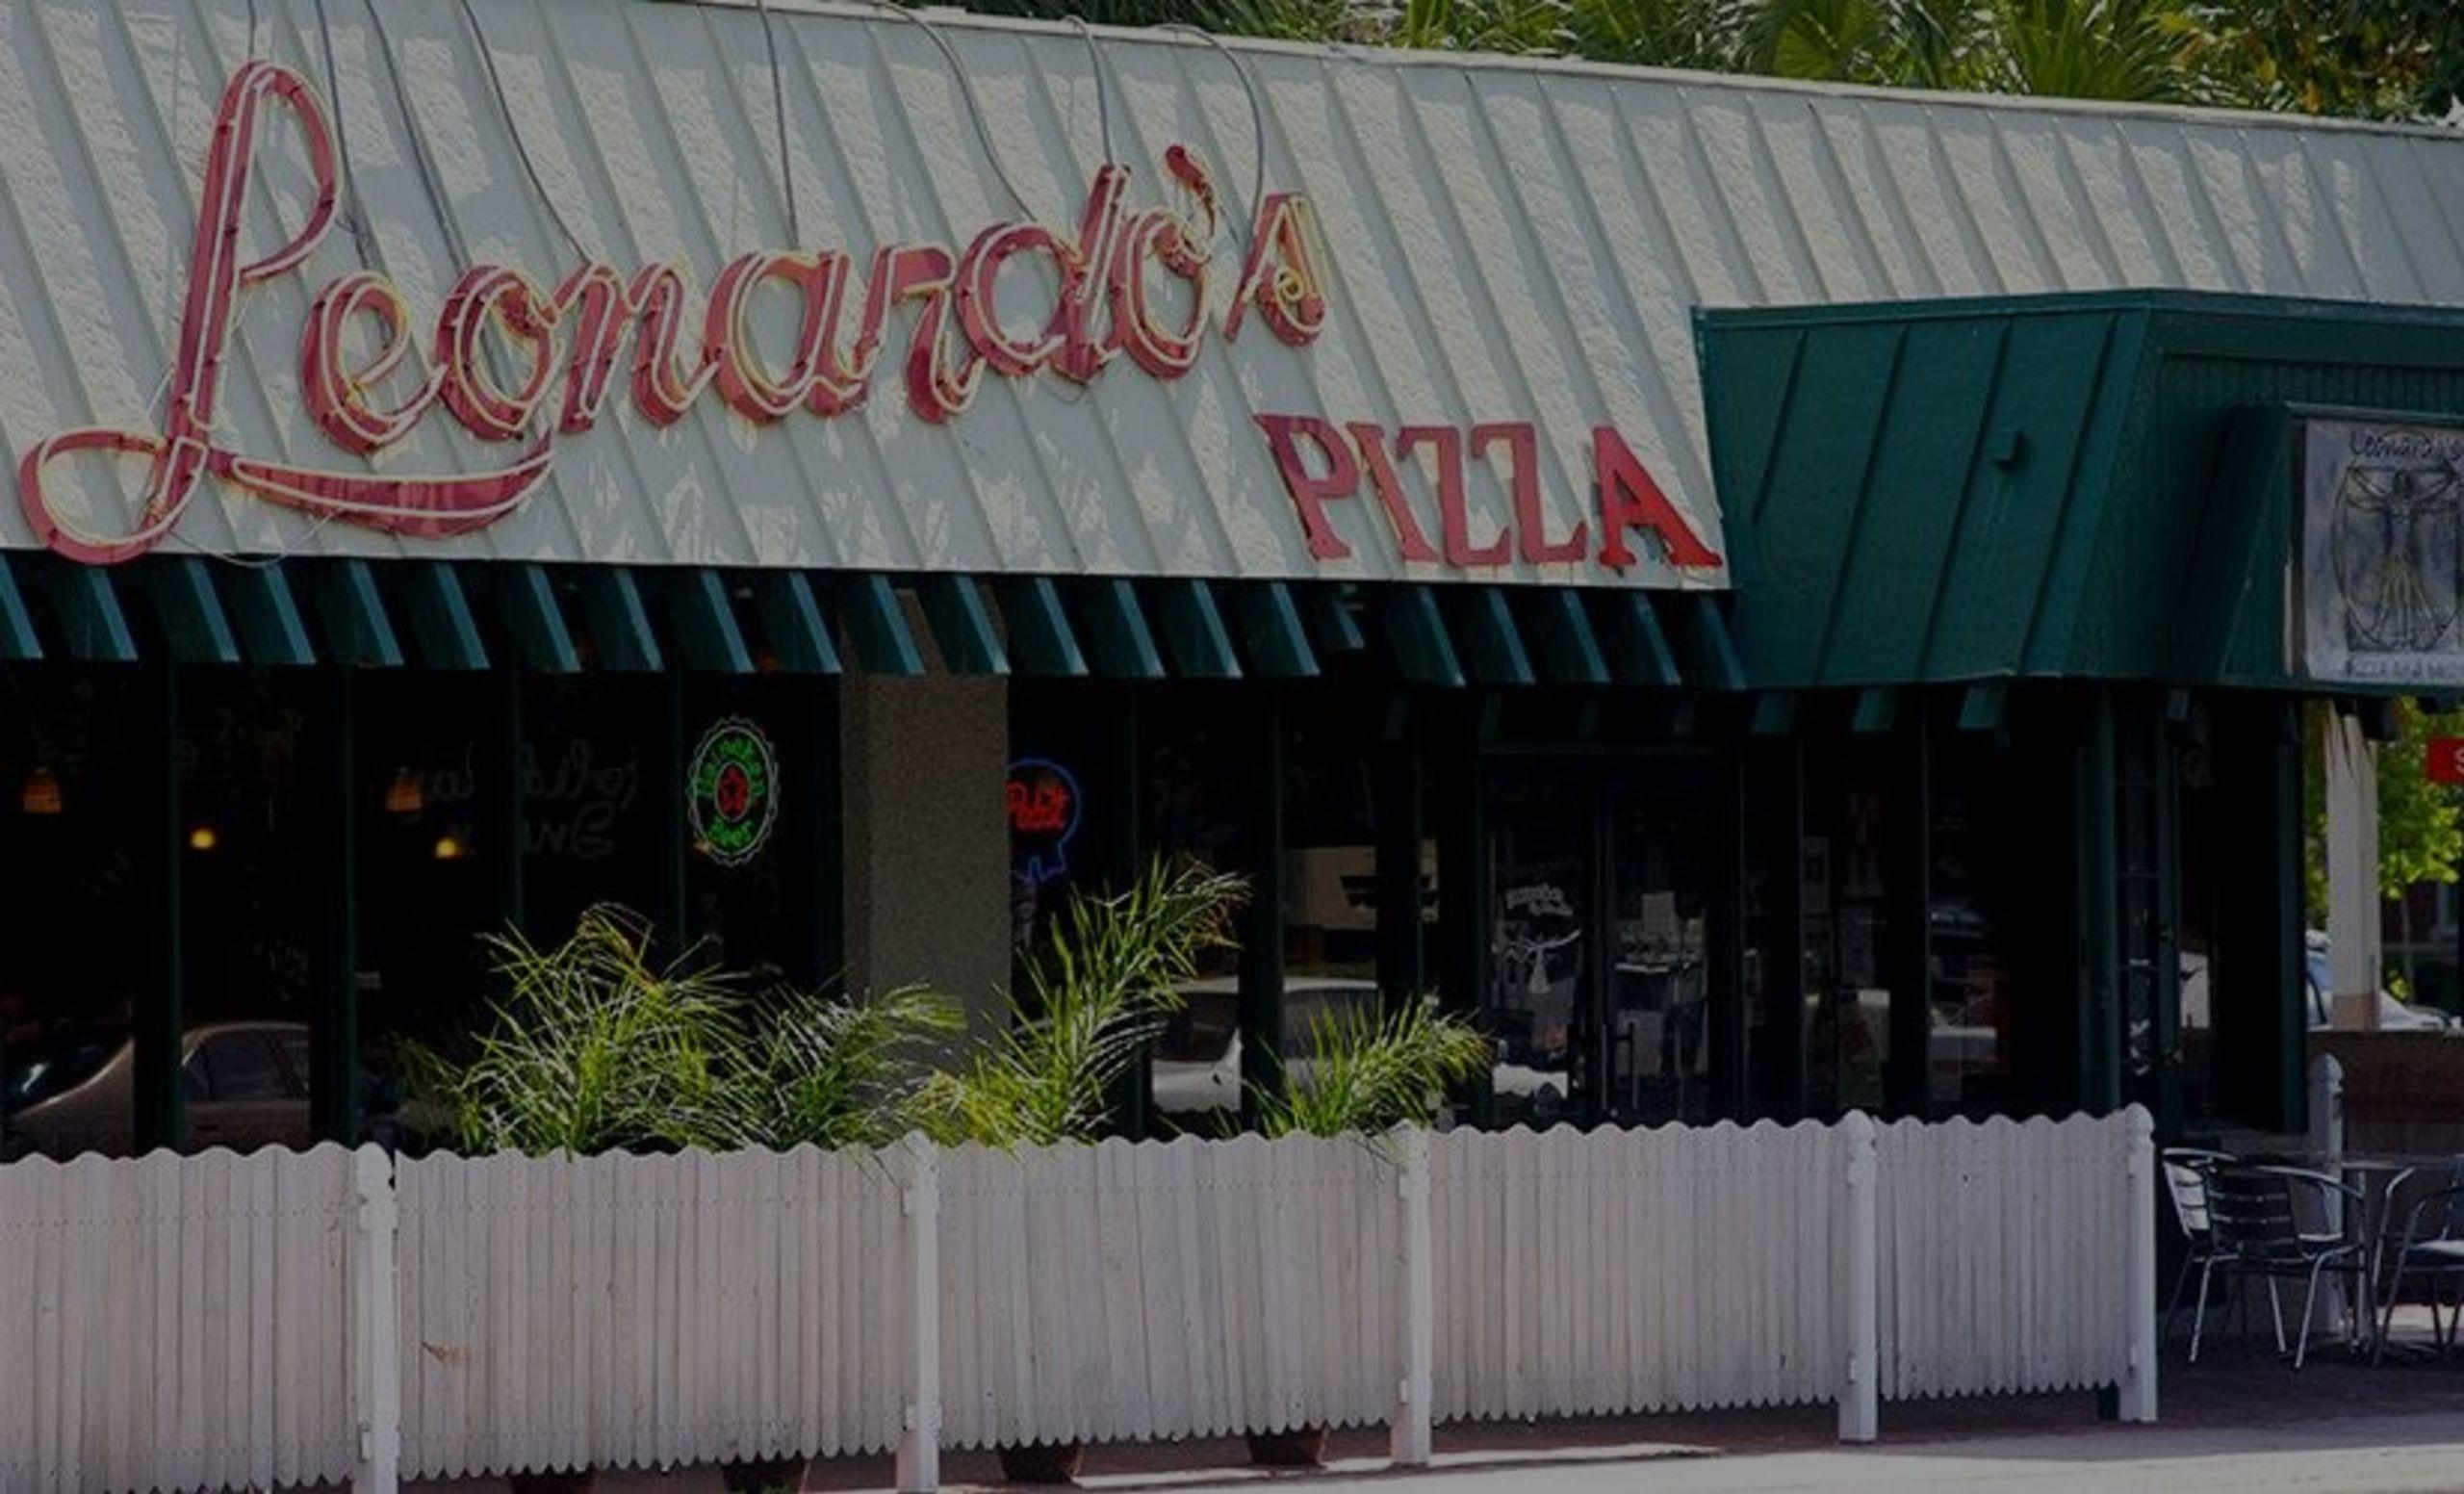 Leonardo's Pizza to remain open despite sale to UF Foundation!